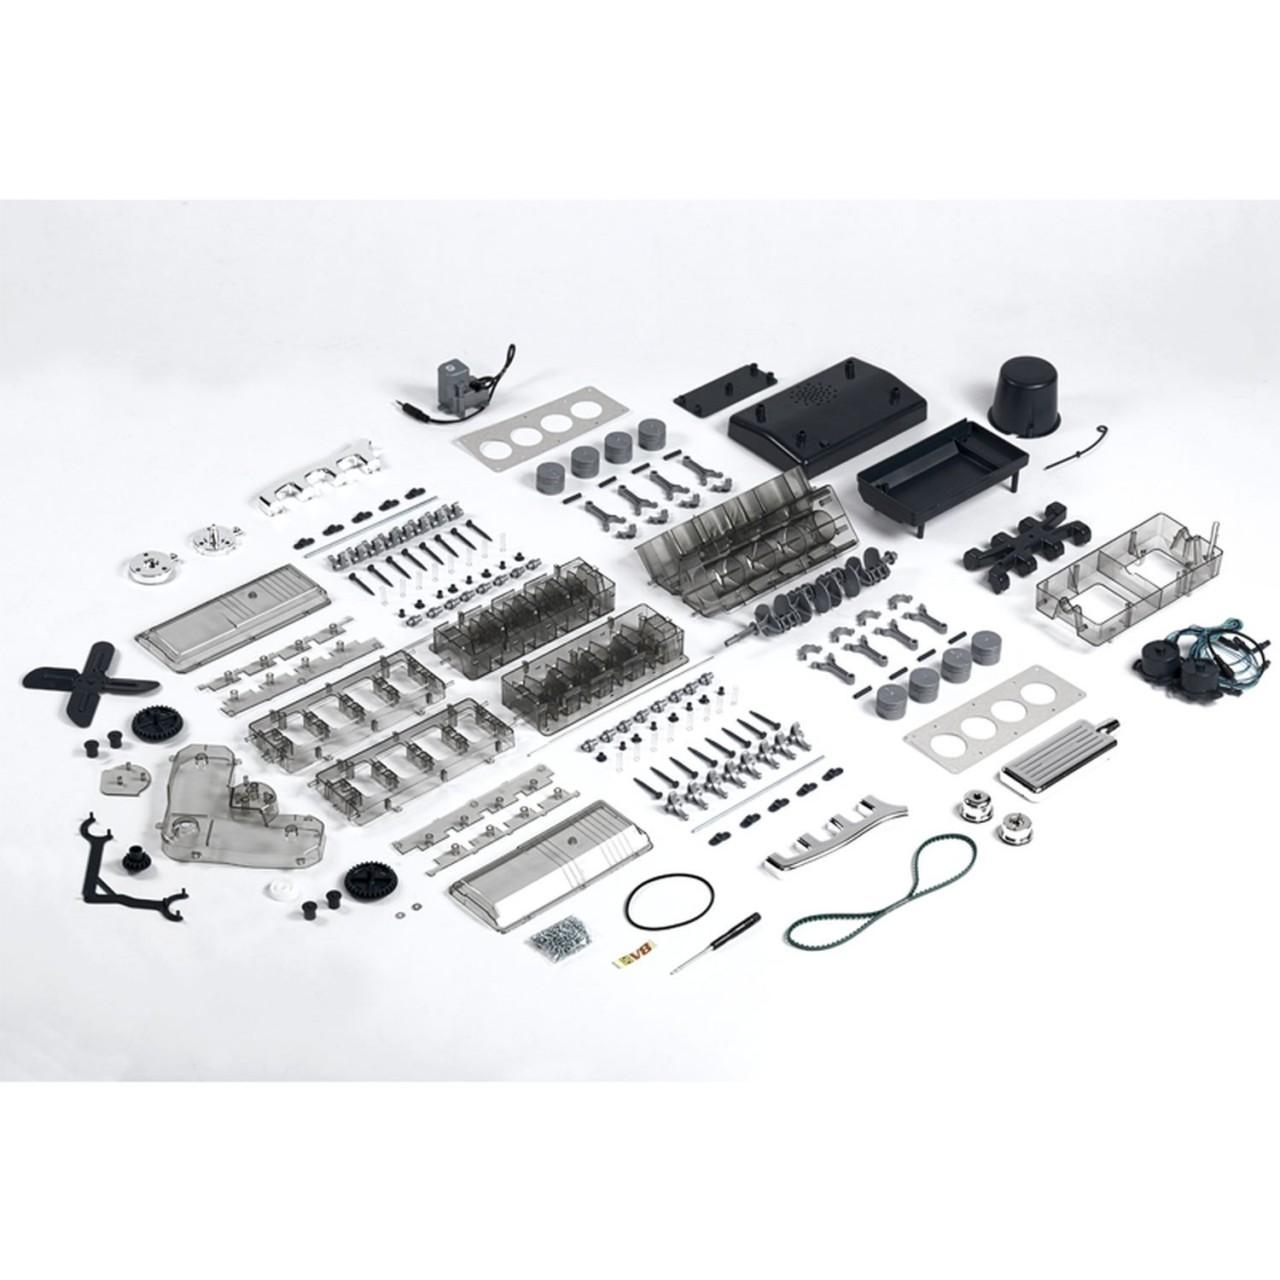 v8 motor bausatz modelspace. Black Bedroom Furniture Sets. Home Design Ideas